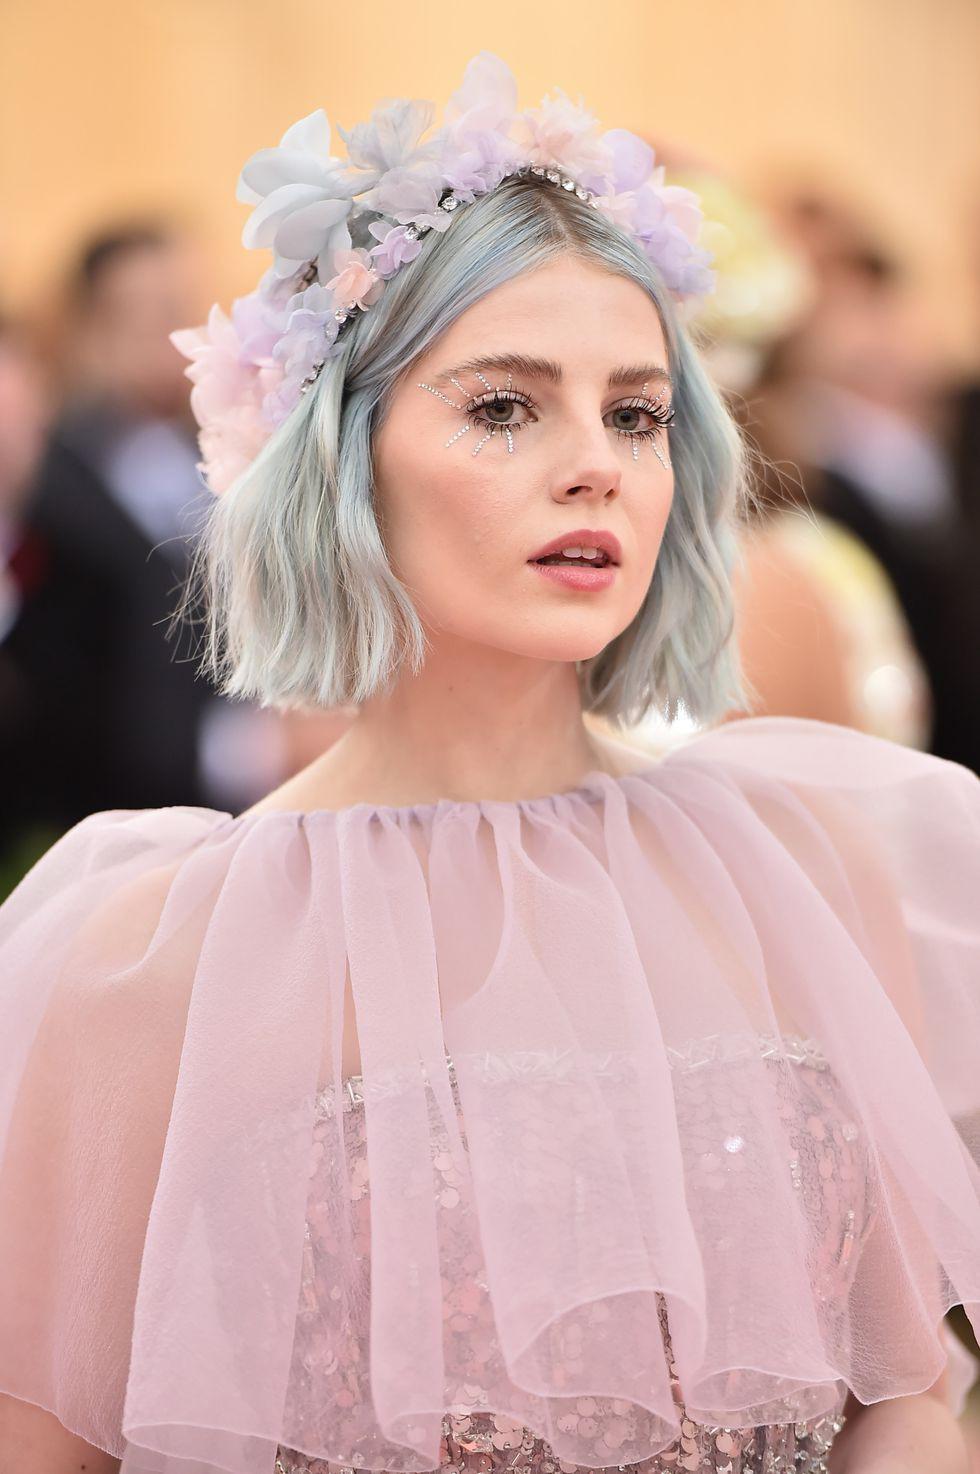 Nào chỉ có những pha lên đồ làm màu, Met Gala 2019 còn ngợp trời những khoảnh khắc beauty đẹp đến mộng mị - Ảnh 9.